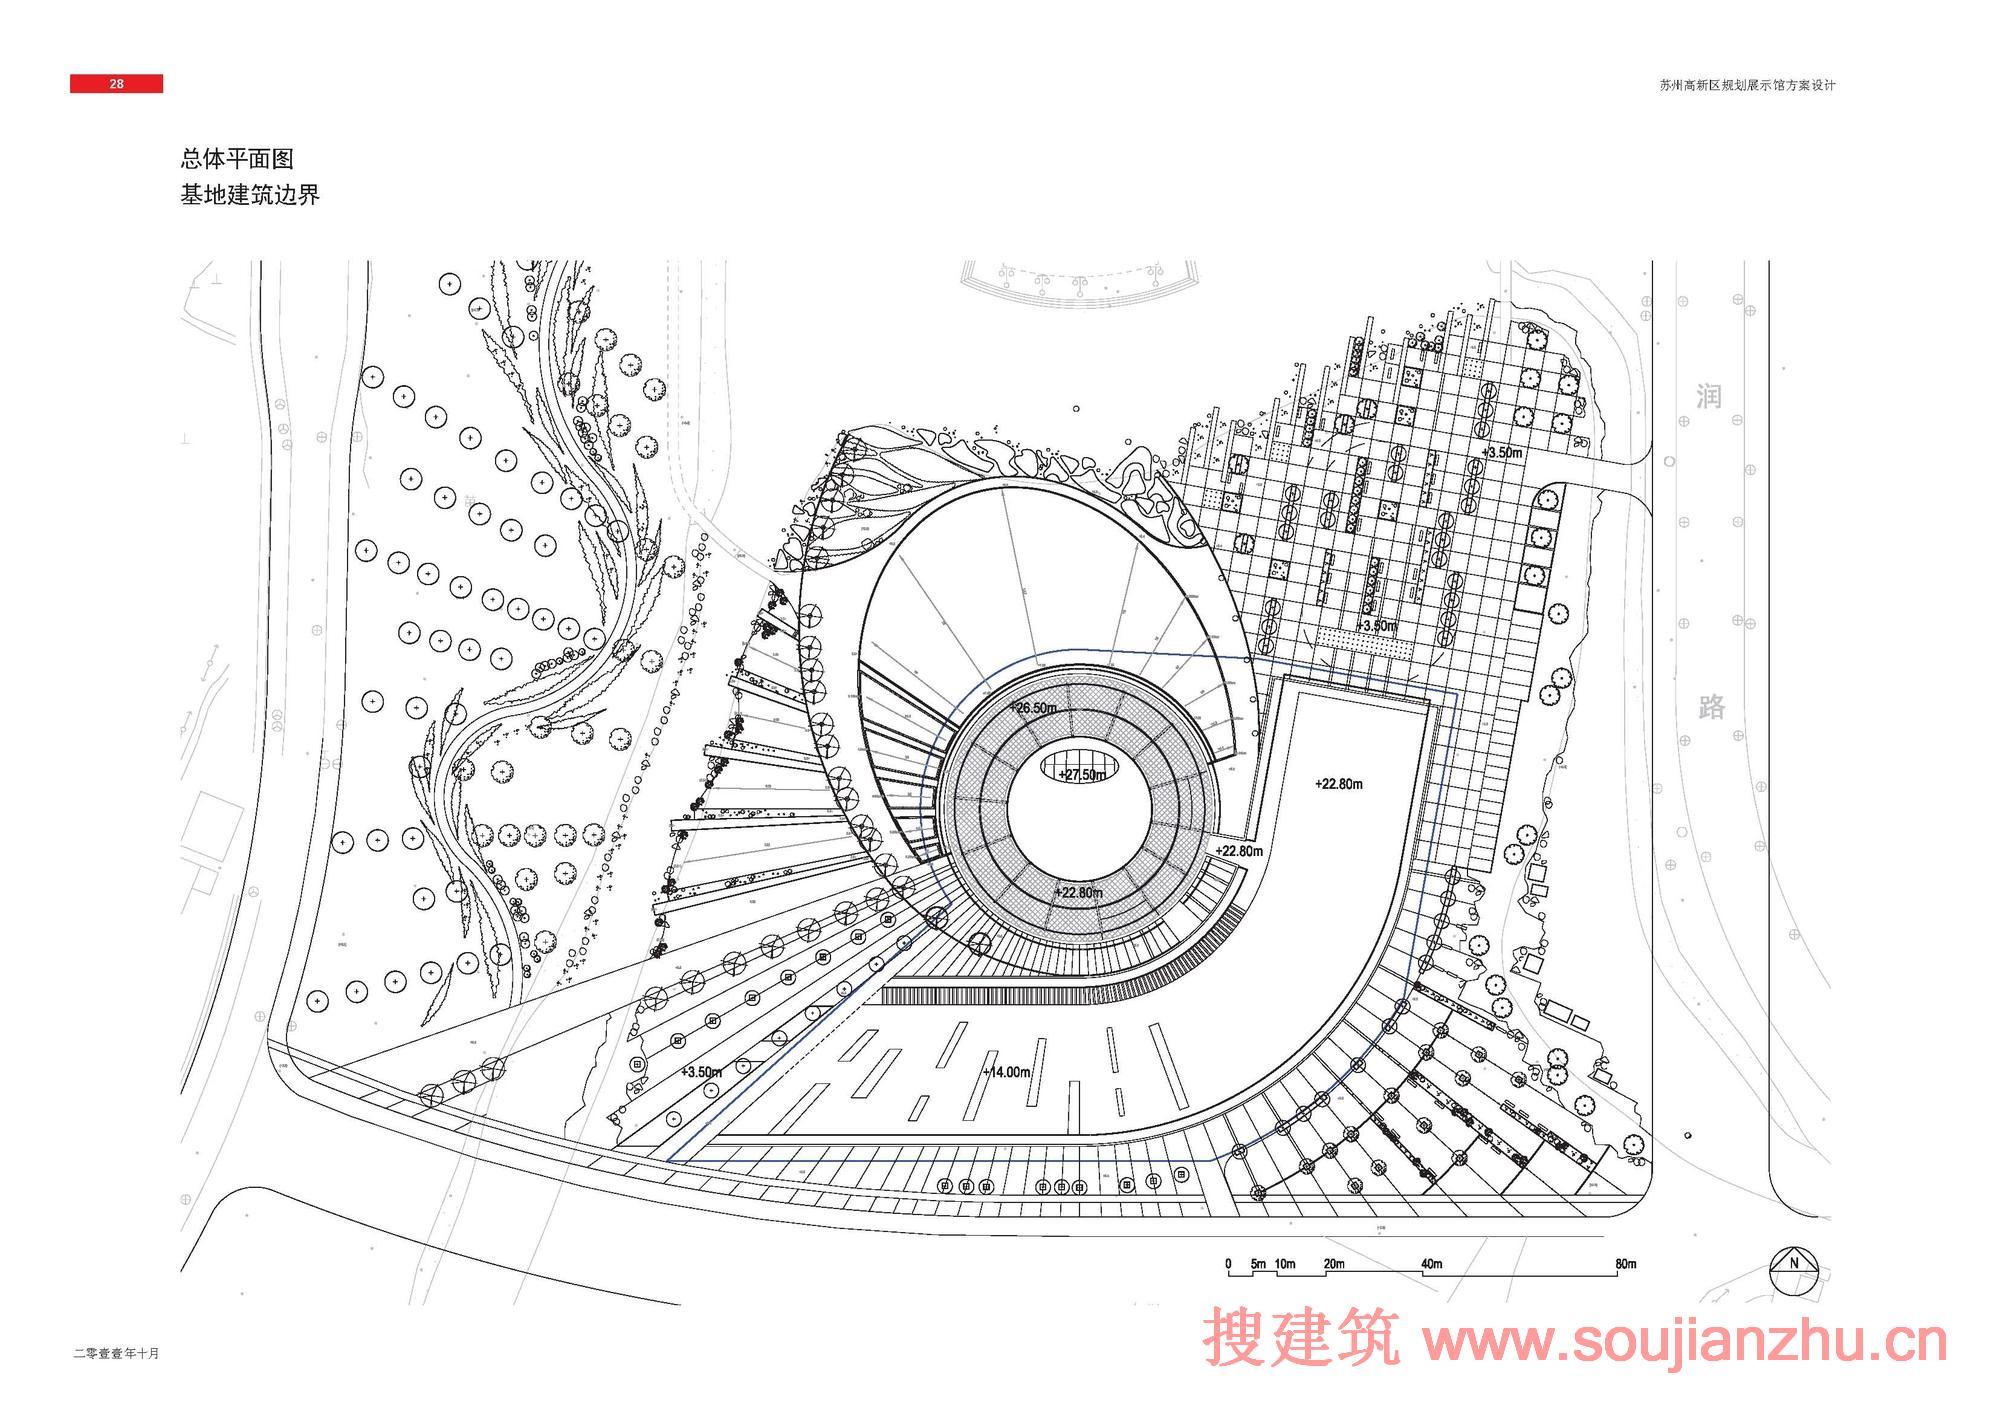 建筑师:英国BDP地点:中国 江苏 苏州 面积:12000平方米 年份:2013   该项目是由英国BDP设计完成的苏州市规划和展览馆。该建筑为一个12,000平方米的展览设施---展示了科技智能城市。该项目充分展示了苏州的过去、现在和未来发展,项目坐落于新的中央的公园区边缘,四周拥有景观和丘陵的美丽景色。其设有一个1000平方米的模型新区,三维观景廊,互动展览,会议设施和多功能展厅。   该项目是政府总部园区的一个中心部分,其核心目的是代表苏州,协助将新的开发者进入该地区,然后通过规划立法和